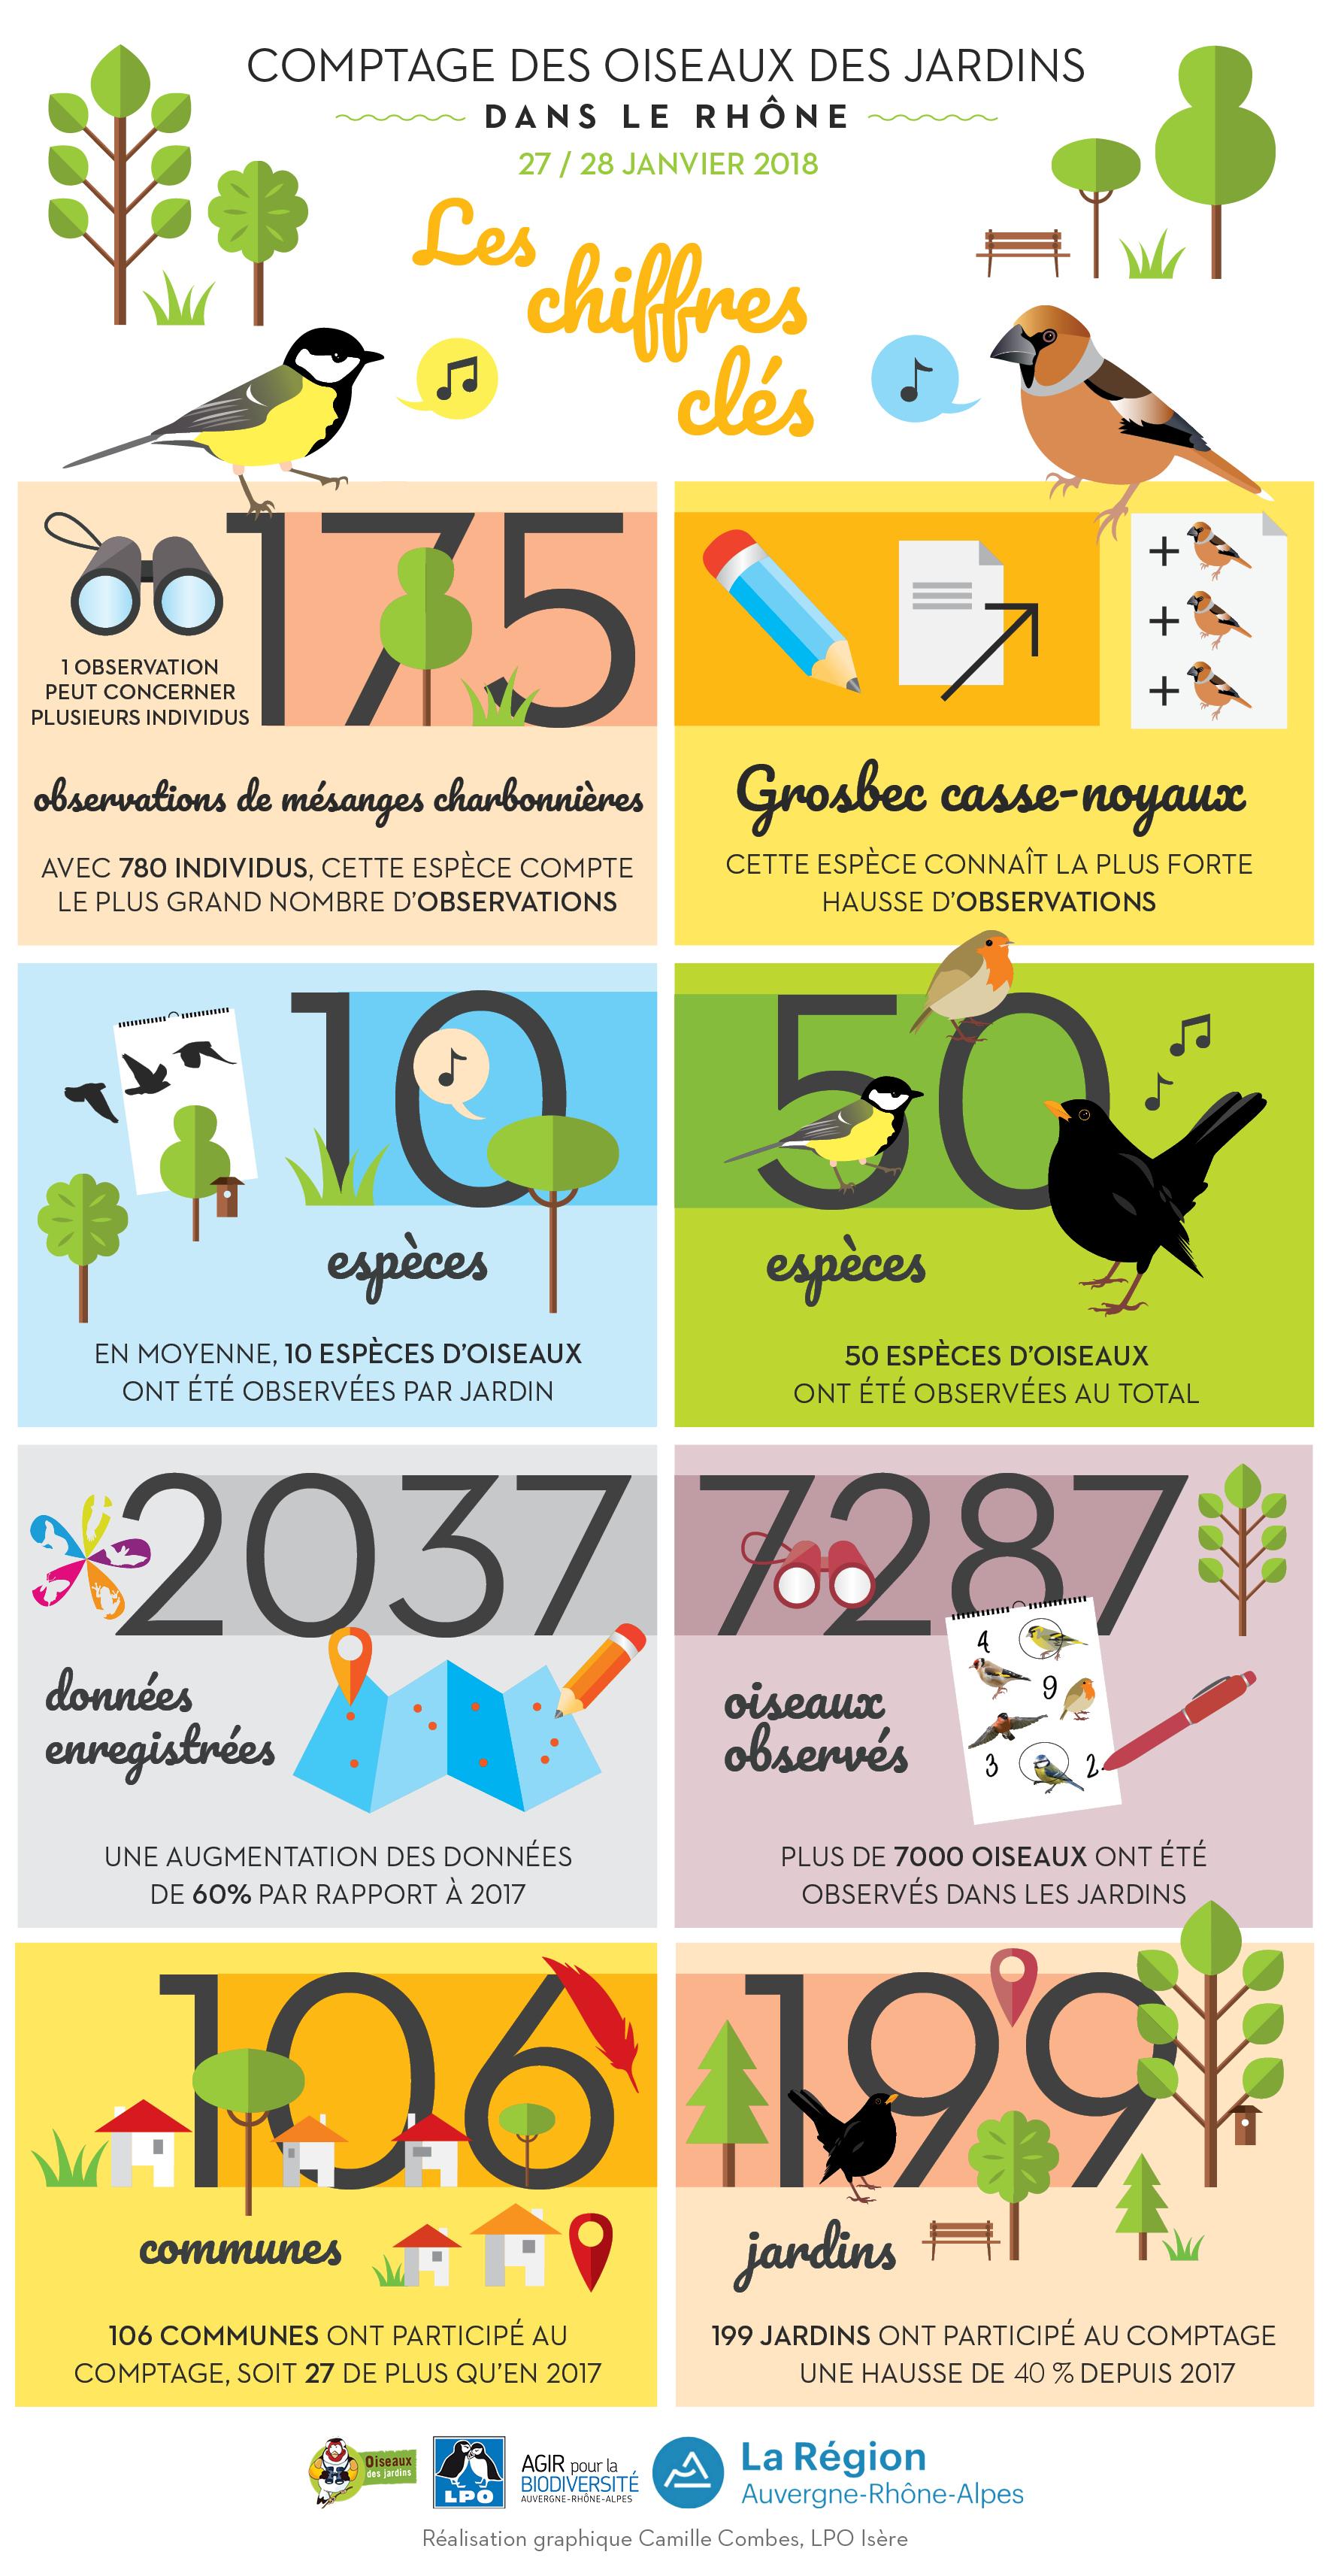 https://cdnfiles1.biolovision.net/www.faune-rhone.org/userfiles/OiseauxDesJardins/Resultats/OISEAUXDESJARDINSRHONE.jpg